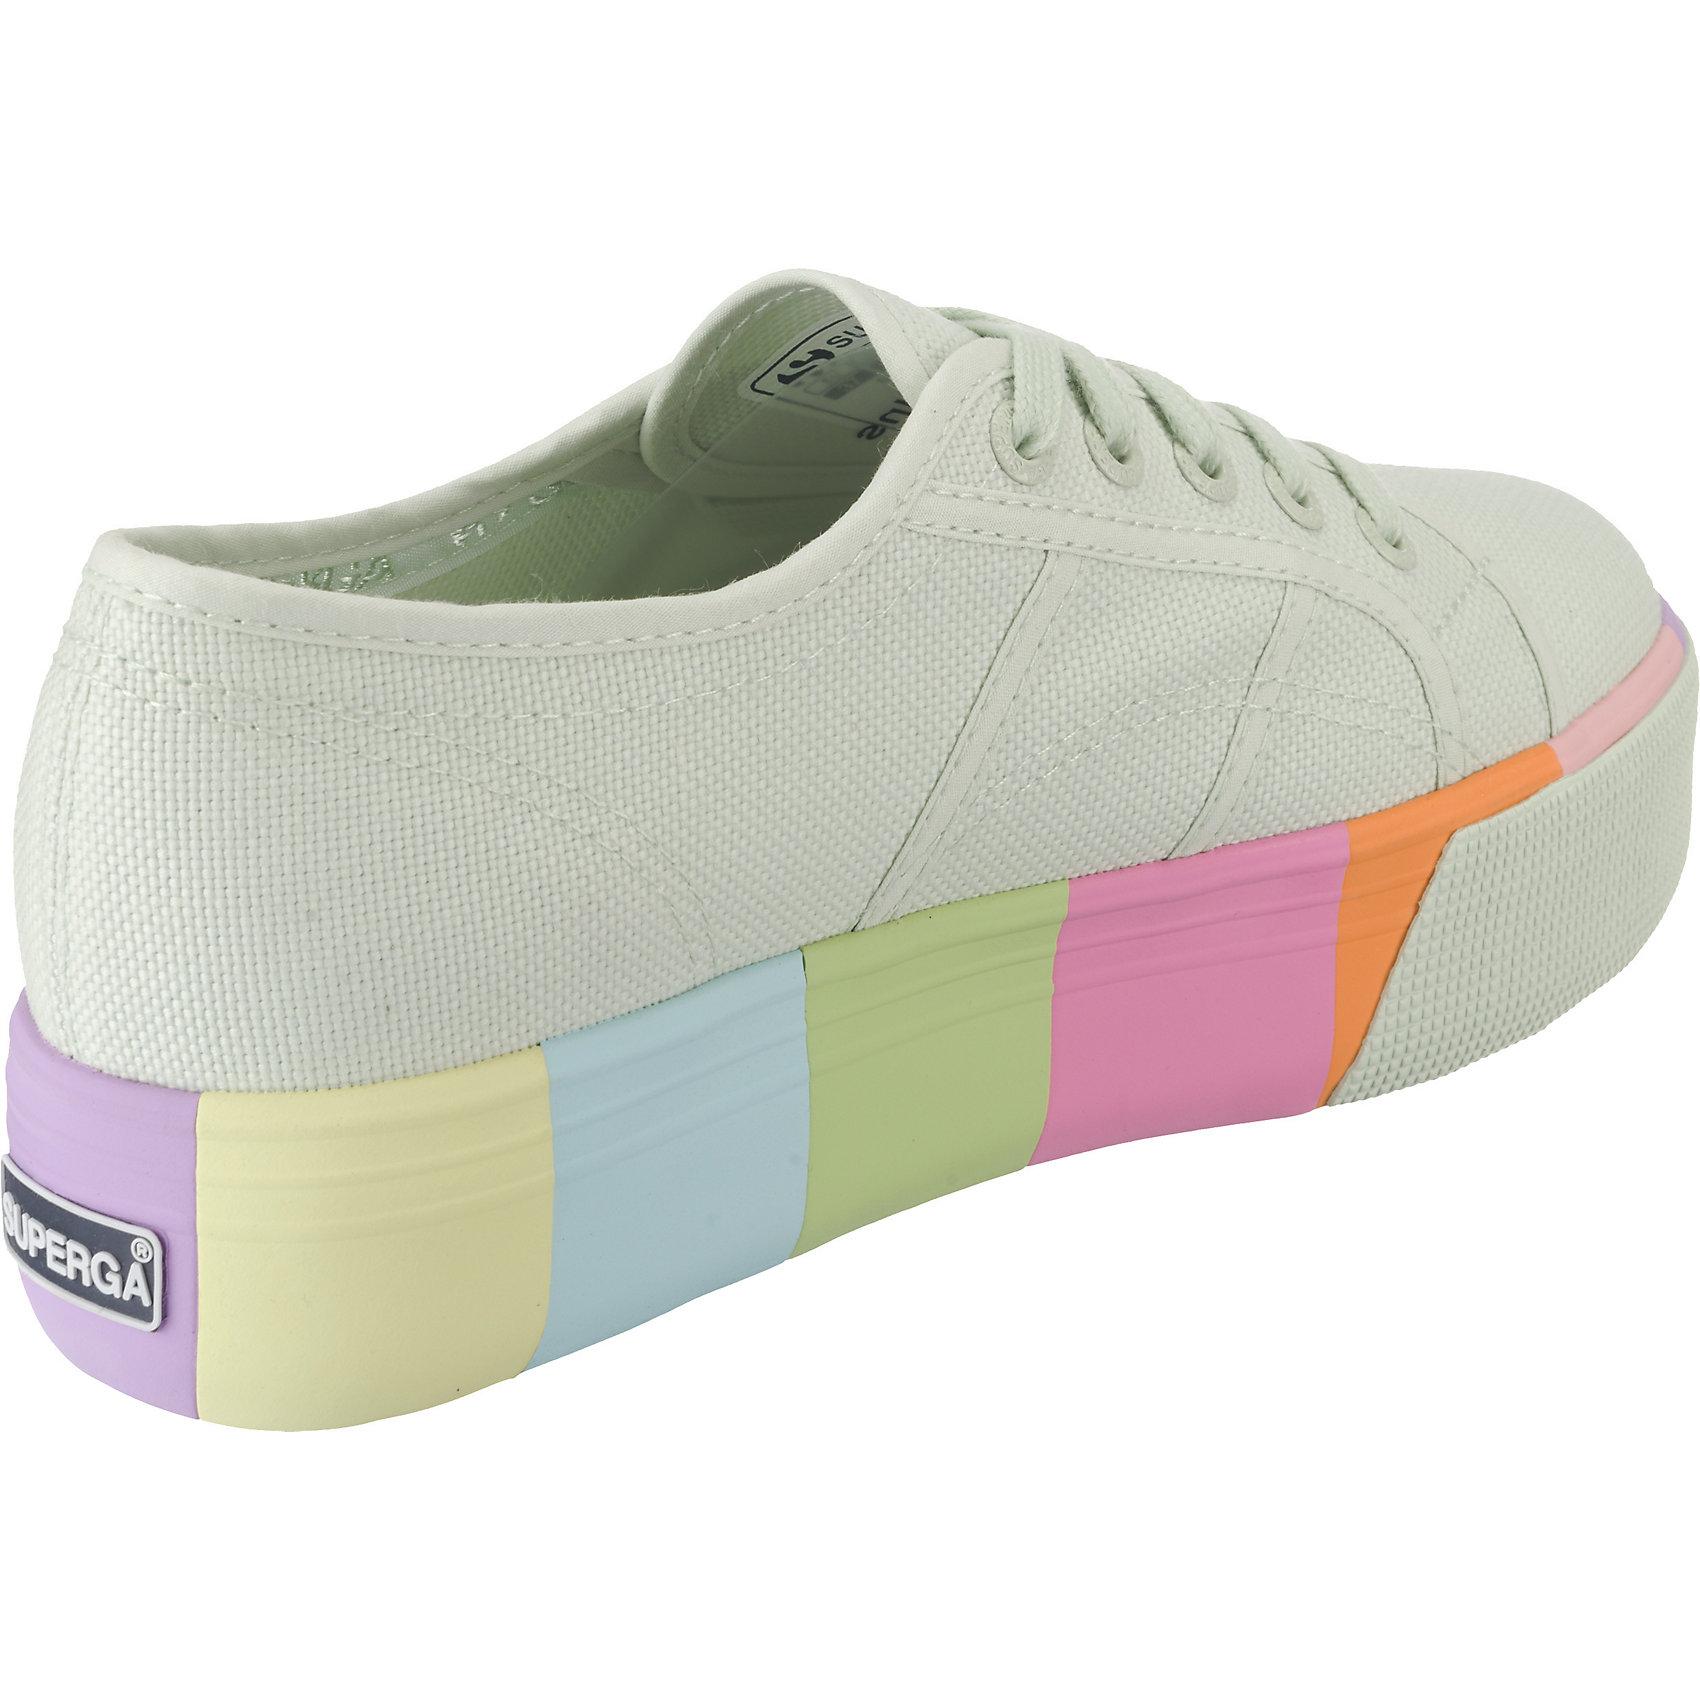 Neu Superga® 2790 Cotmultifoxingw Sneakers Low 7565749 für